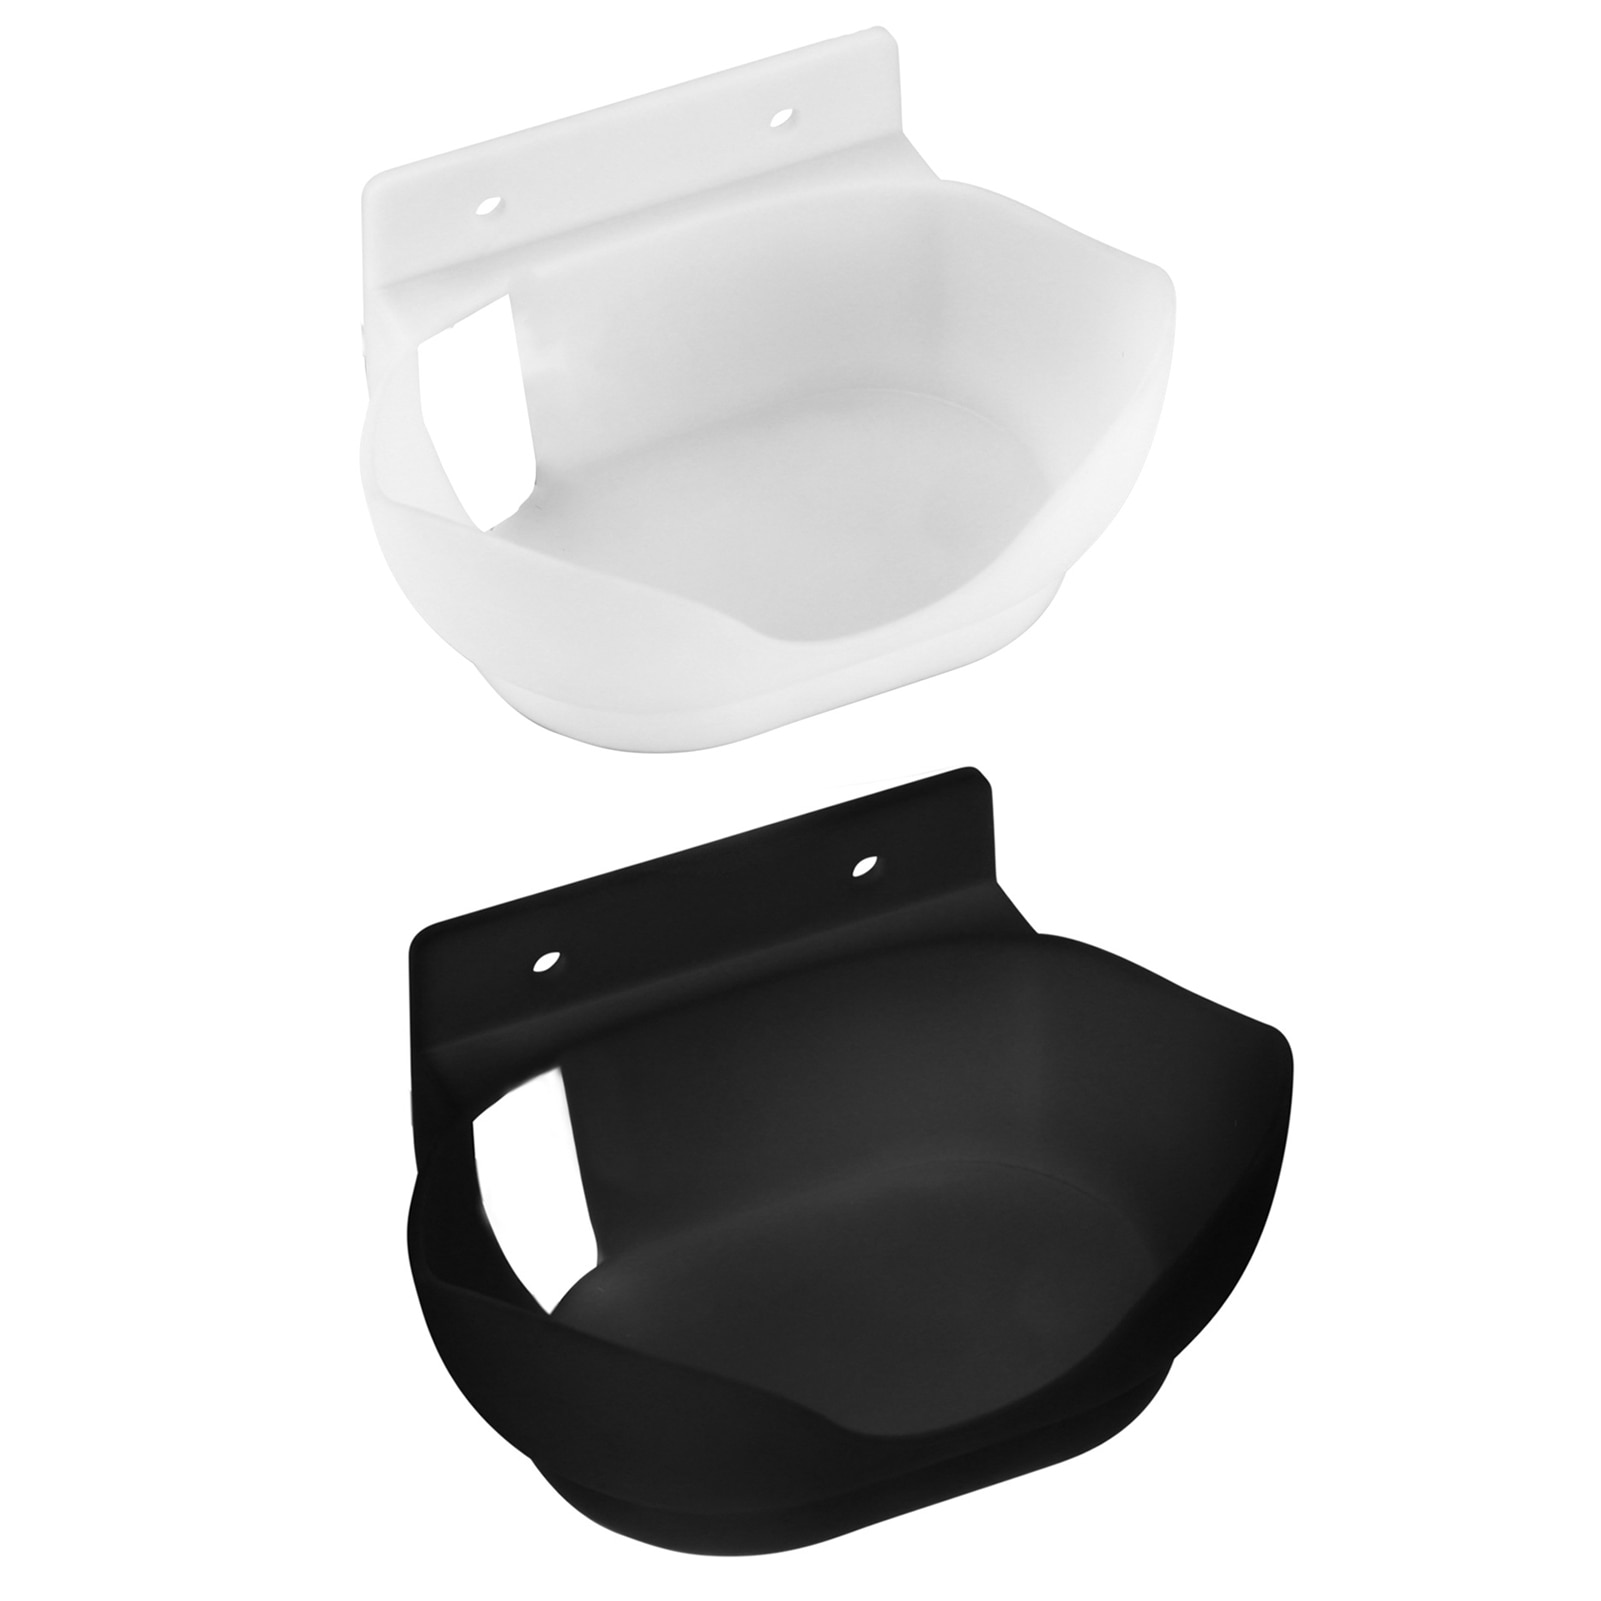 Black White Space-Saving Desktop Holder Wall Desktop Mount Bracket Desktop Holder For Google Nest Audio Smart Speaker